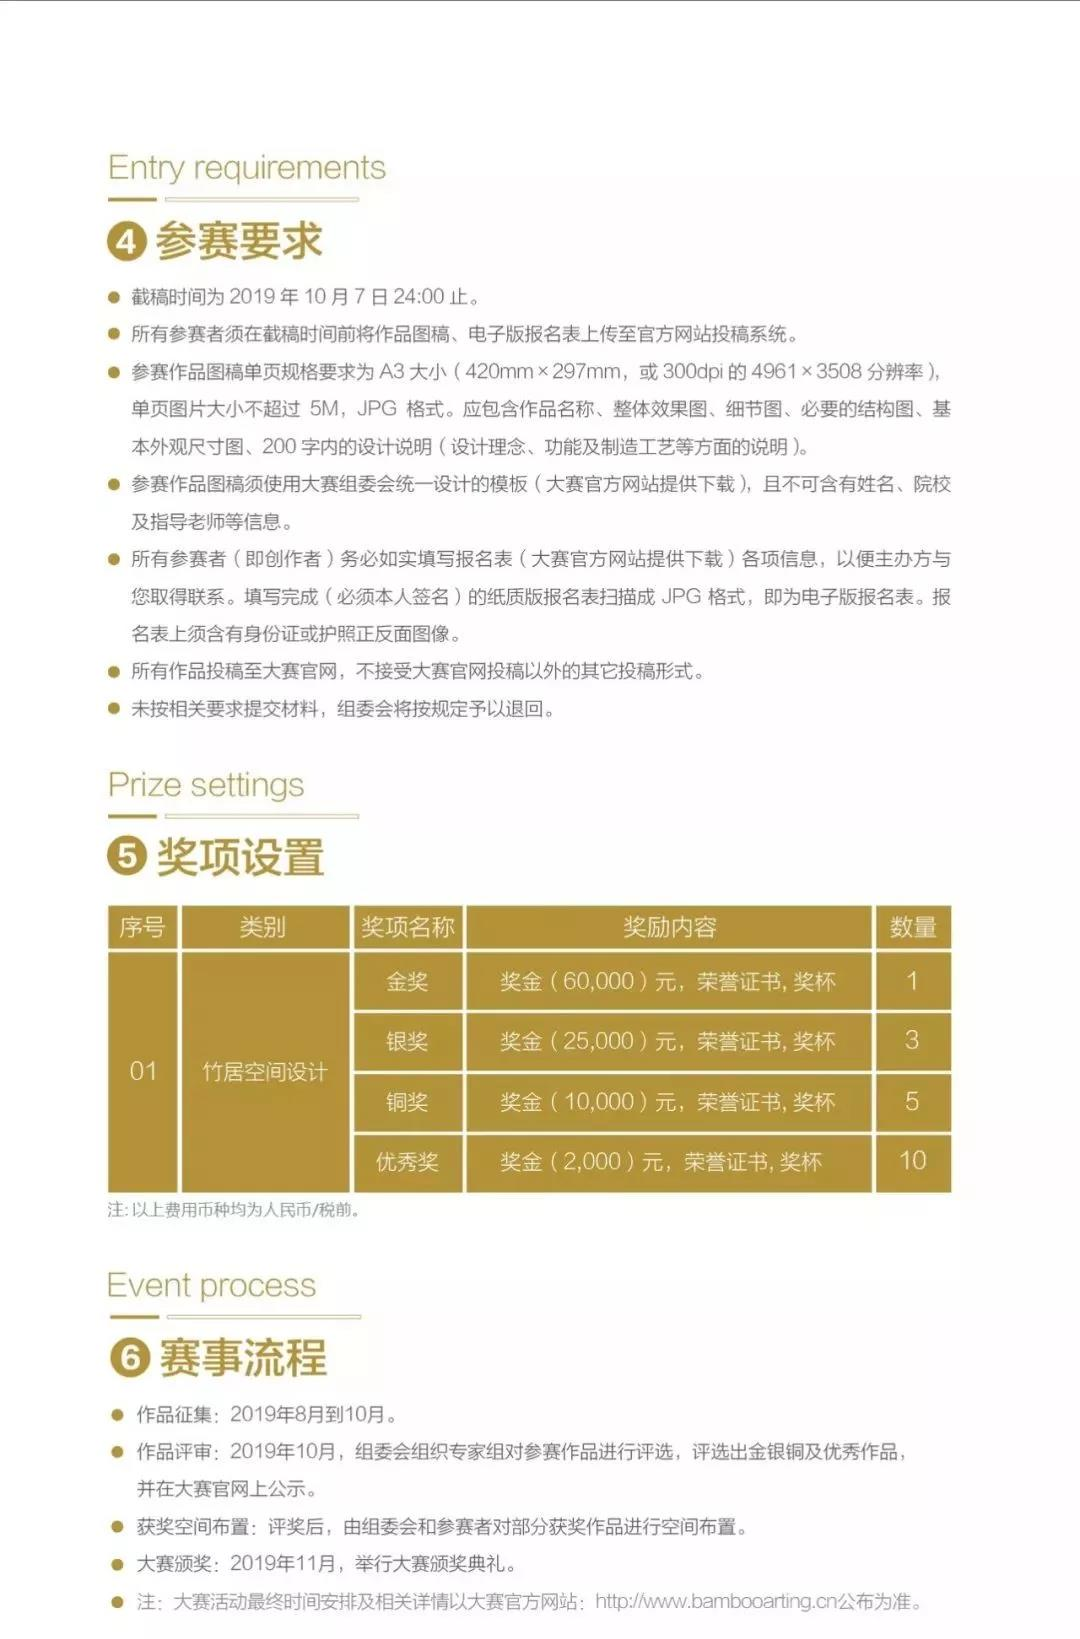 【作品征集延期公告】2019国际(永安)竹居空间设计大赛